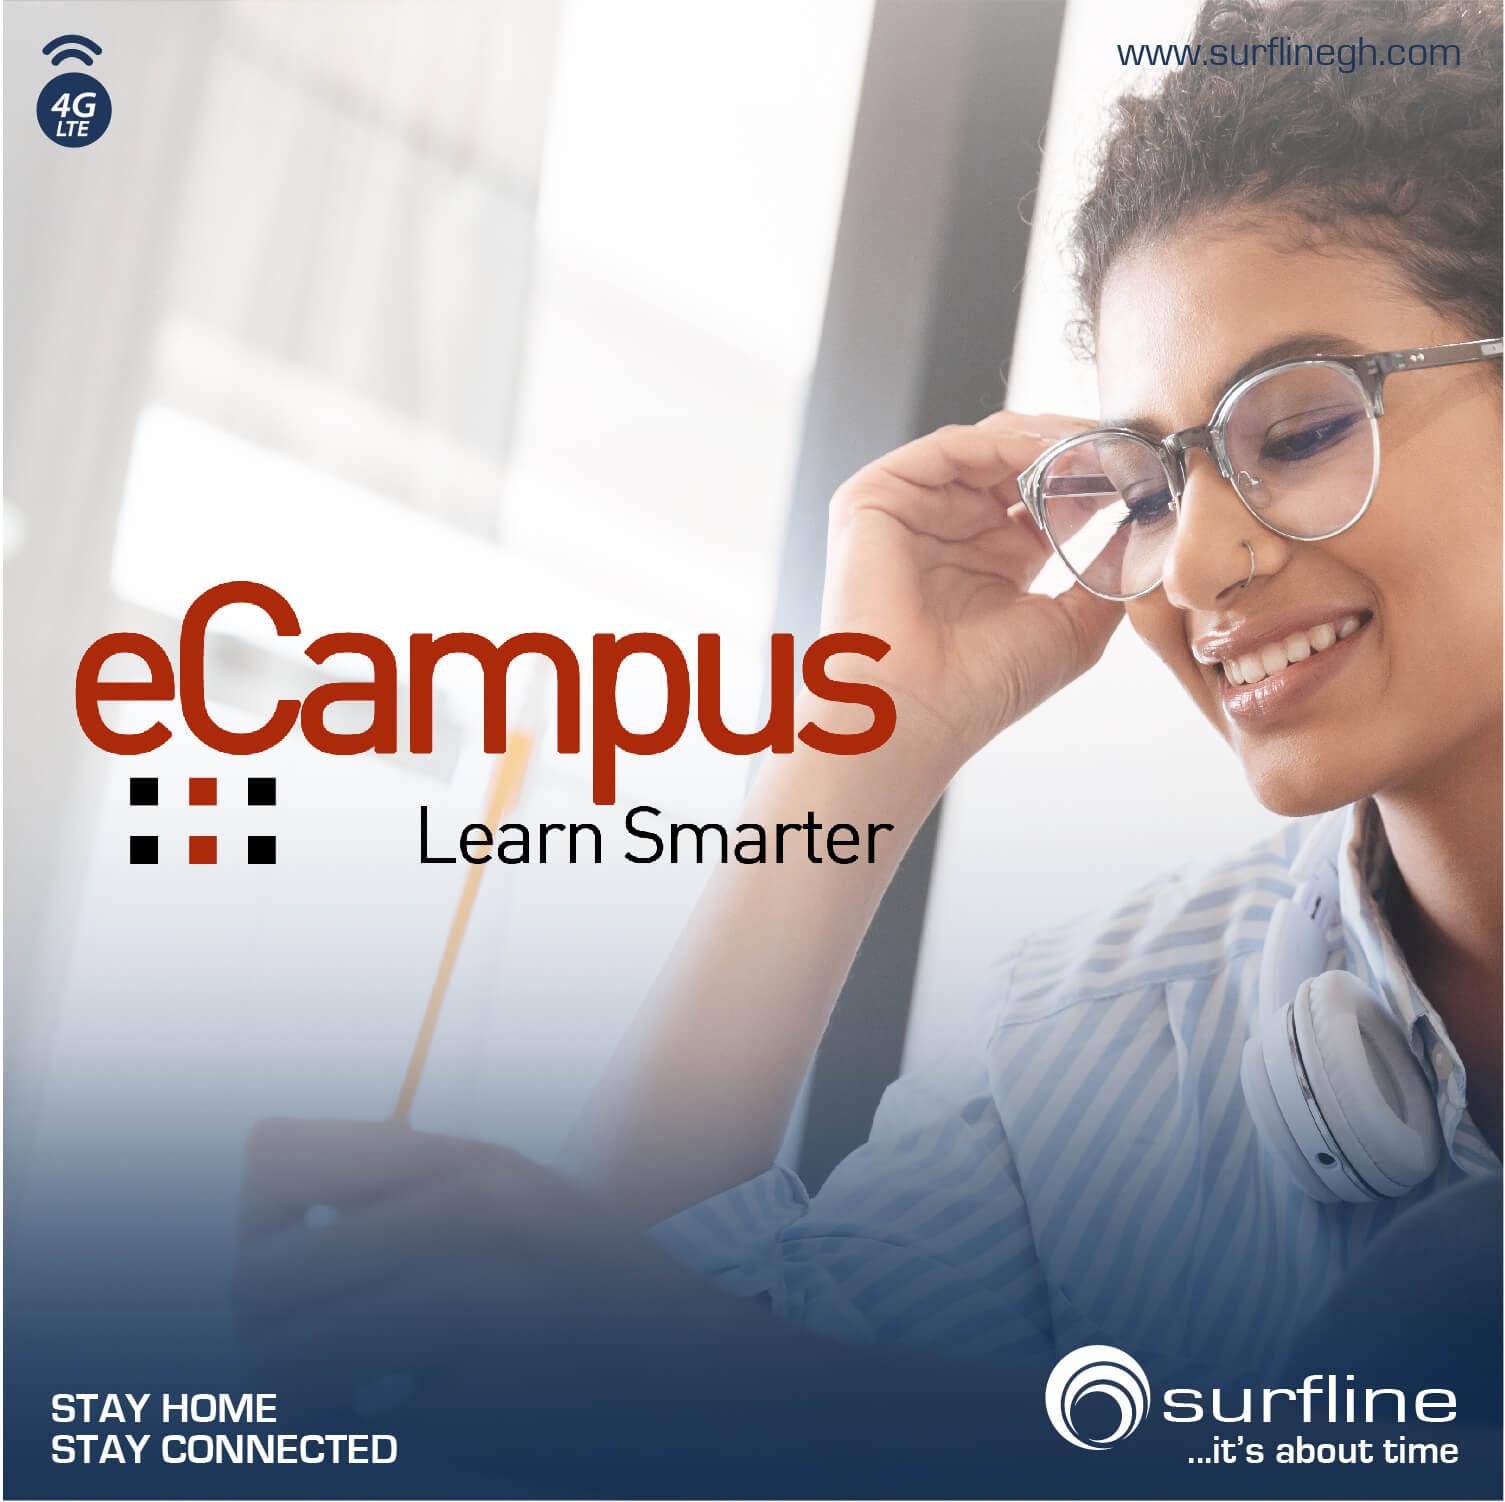 Surfline Partners eCampus To Offer Free Online Learning Platform